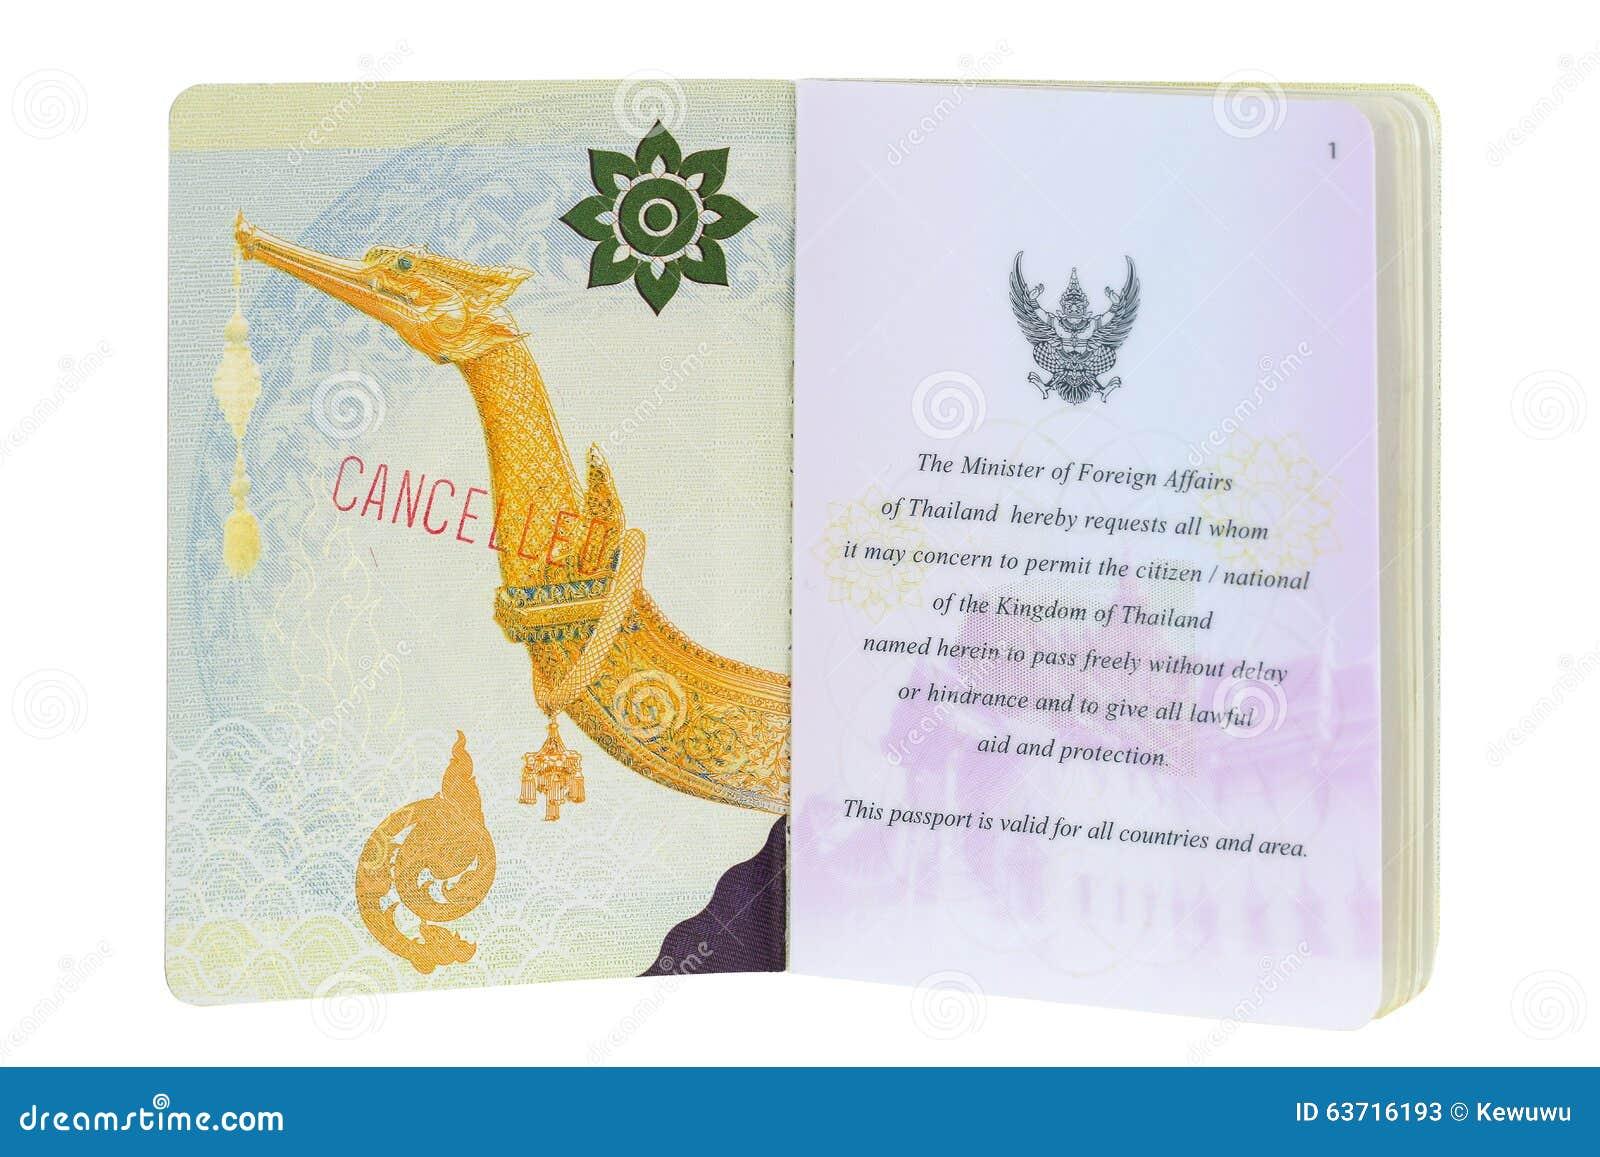 Passeport électronique thaïlandais avec un timbre rouge DÉCOMMANDÉ sur la couverture intérieure